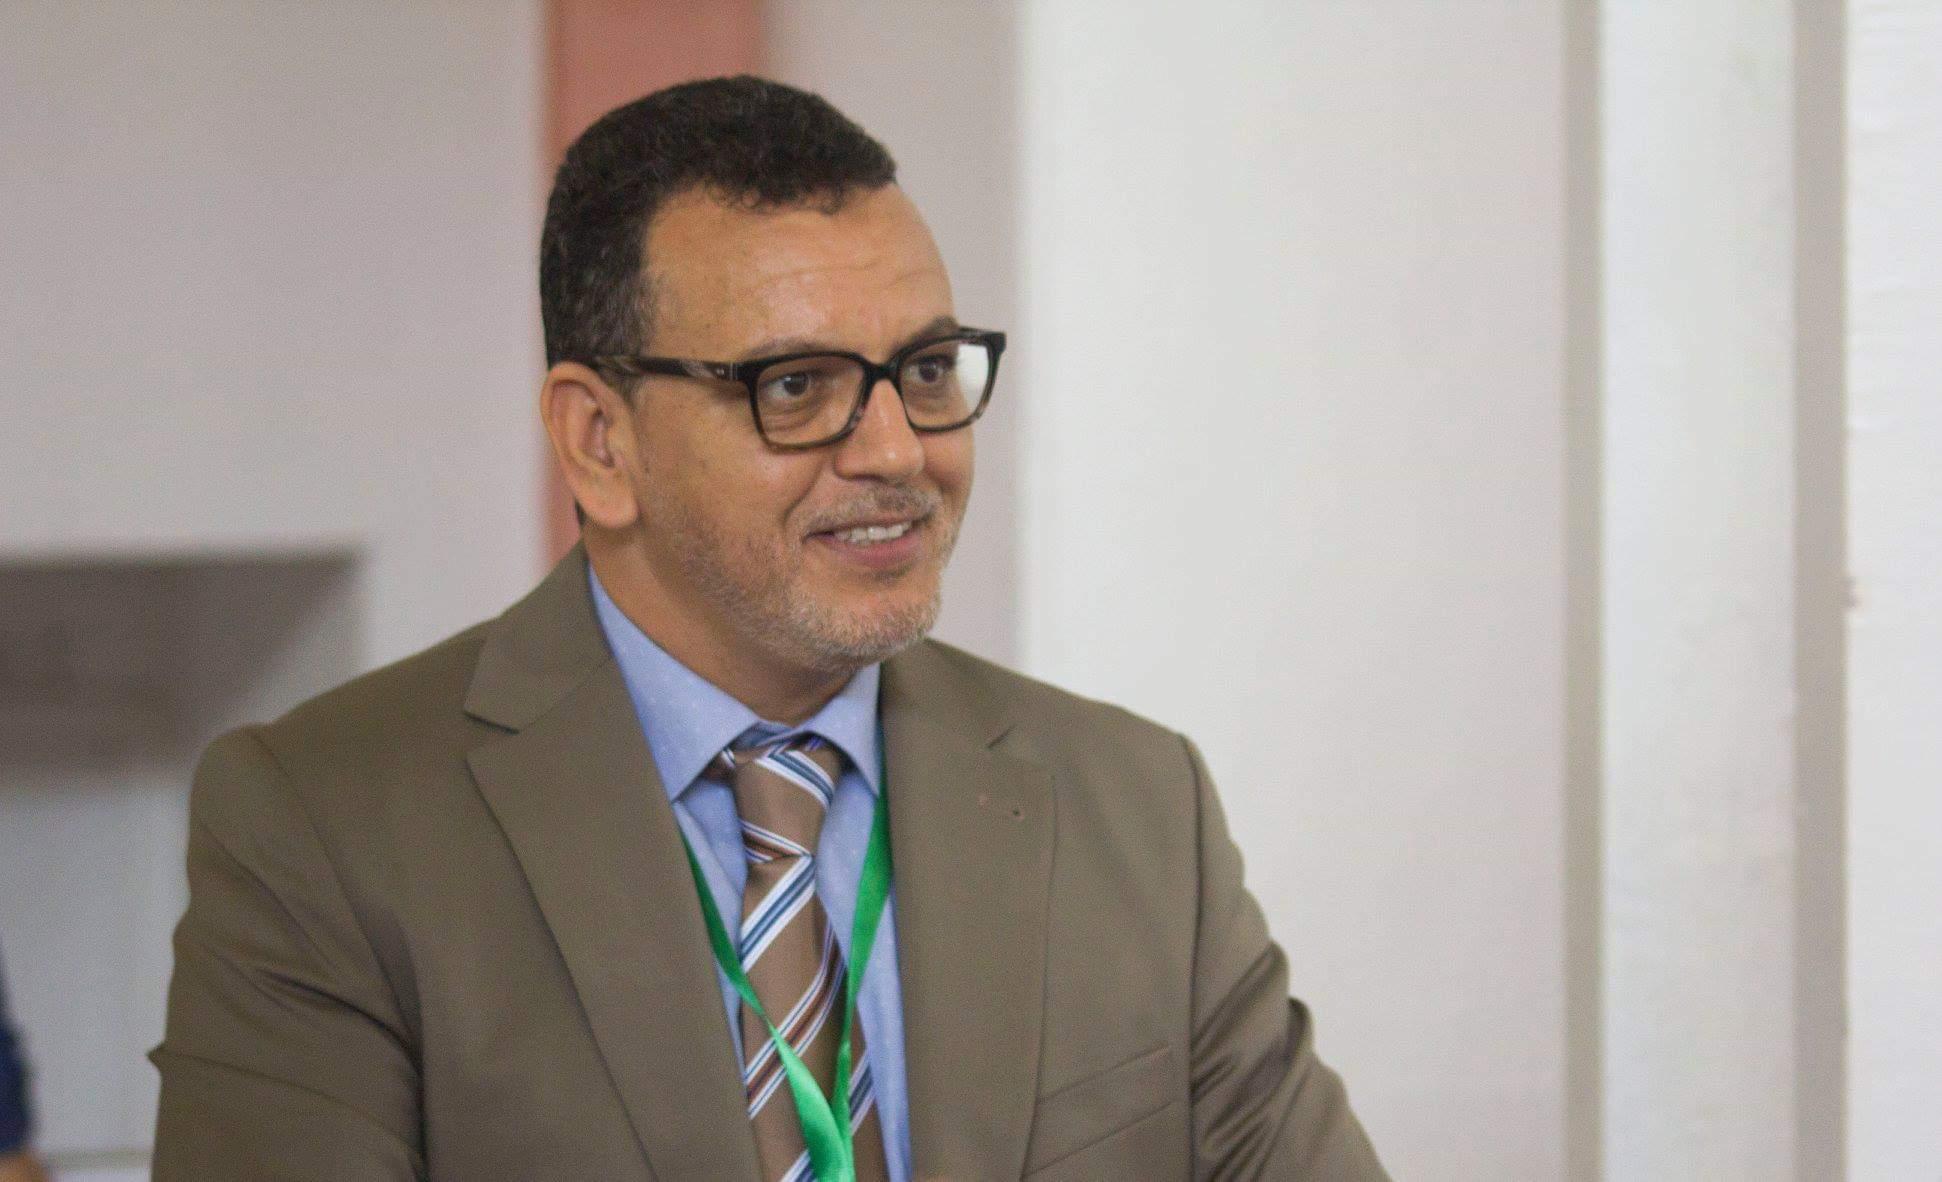 البروفيسور أحمد بالحوس يتوصل بقرار استئنافه العمل بعد توقيفه إثر تضامنه مع احتجاجات طلبة الطب (بلاغ)